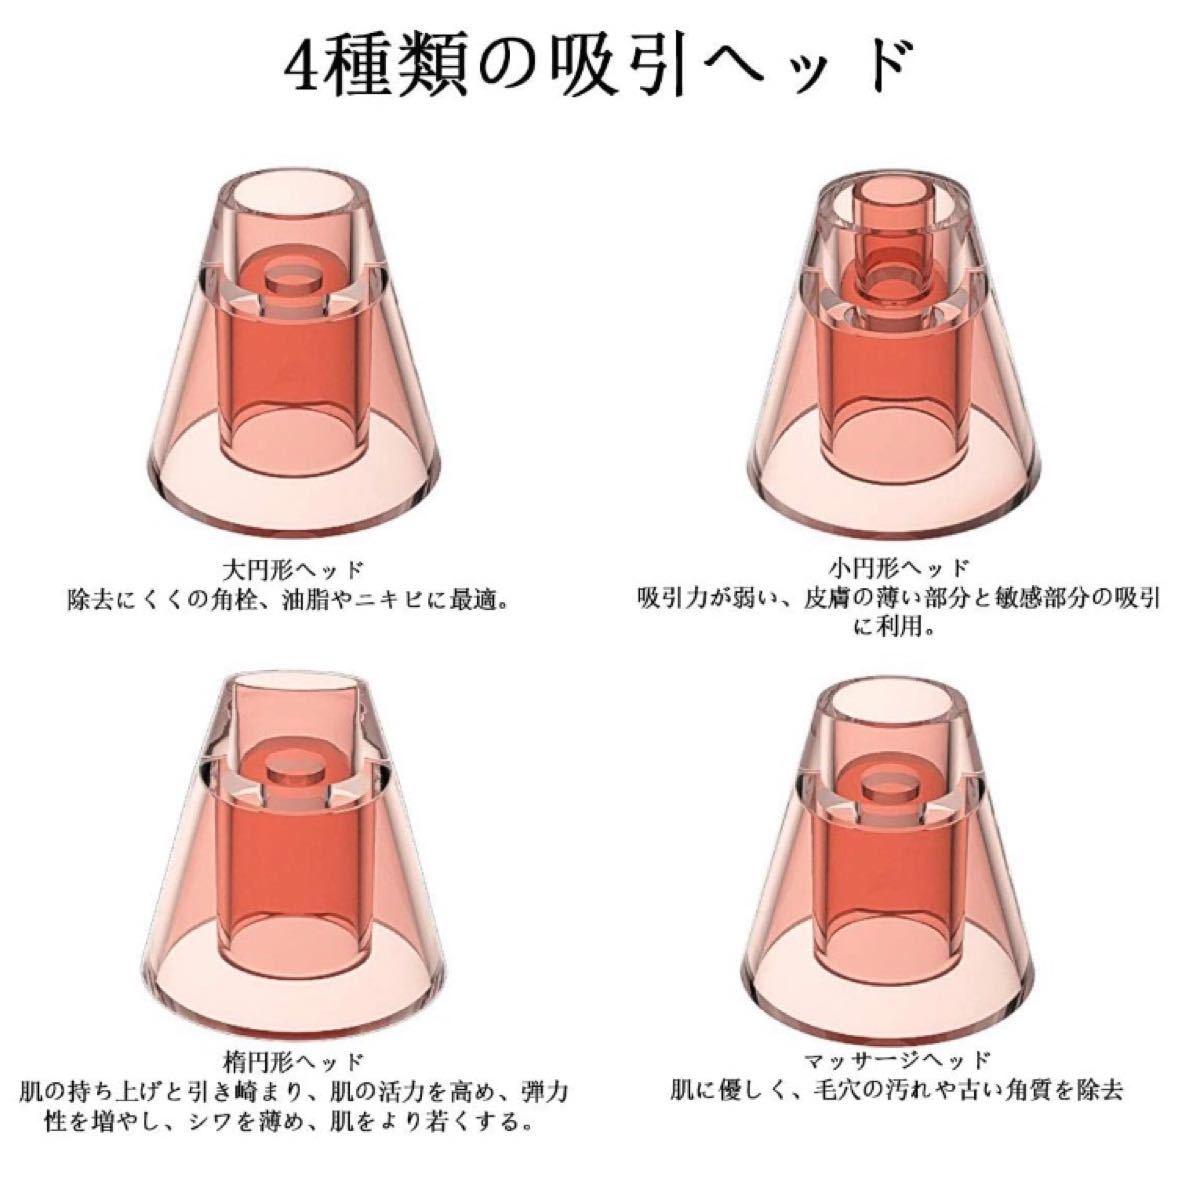 毛穴吸引器 毛穴ケア美顔器 2種類LED光エステ